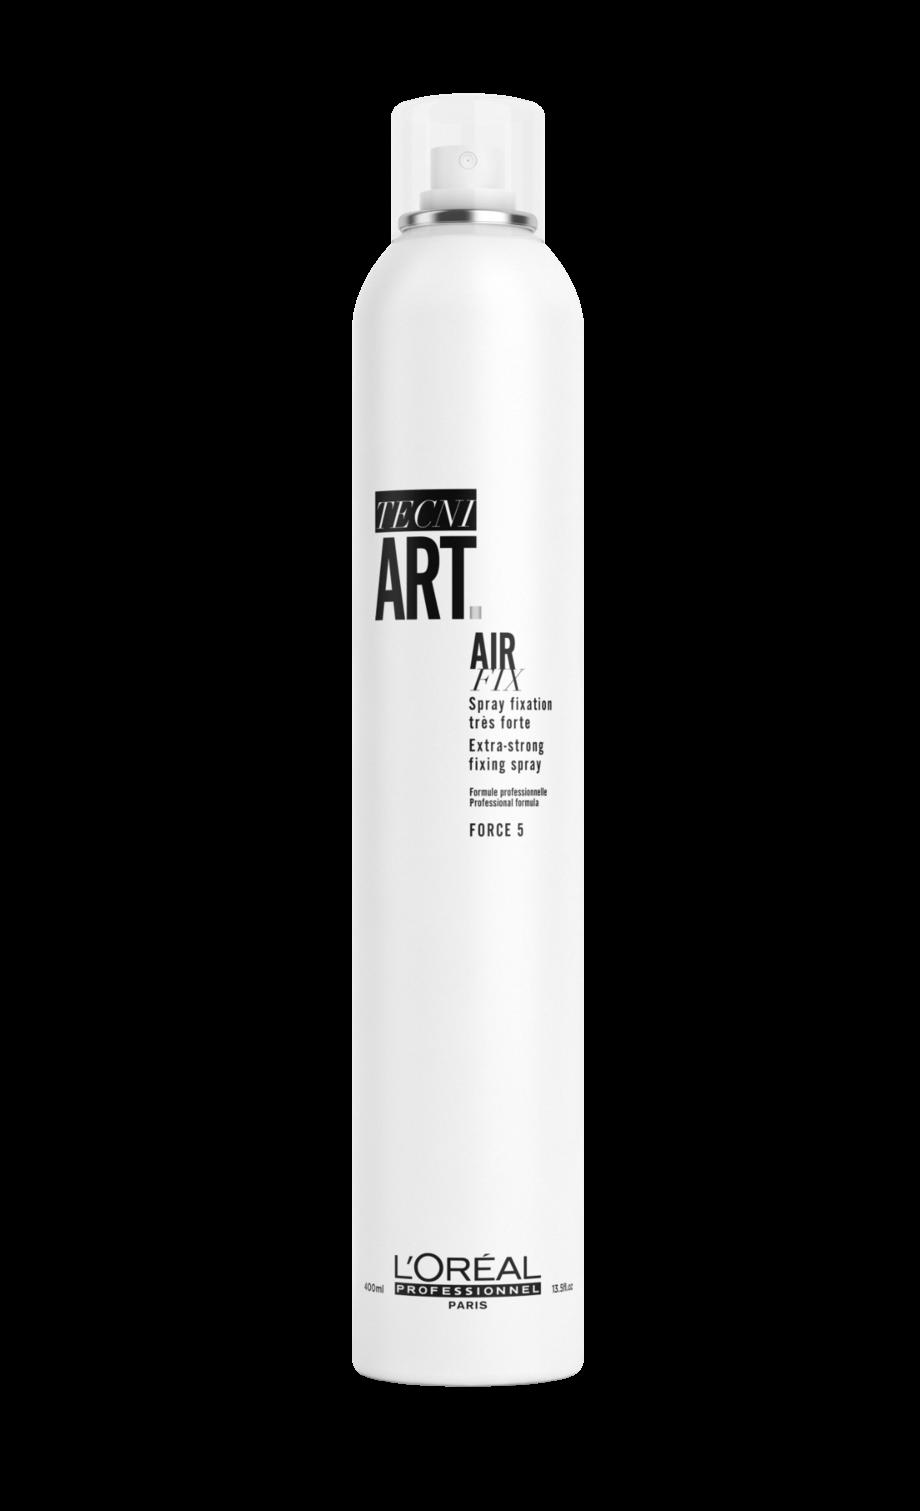 LOreal Professionnel Спрей Tecni. Art Air Fix Моментальный Суперсильной Фиксации Эр Фикс (Фикс. 5), 400 мл